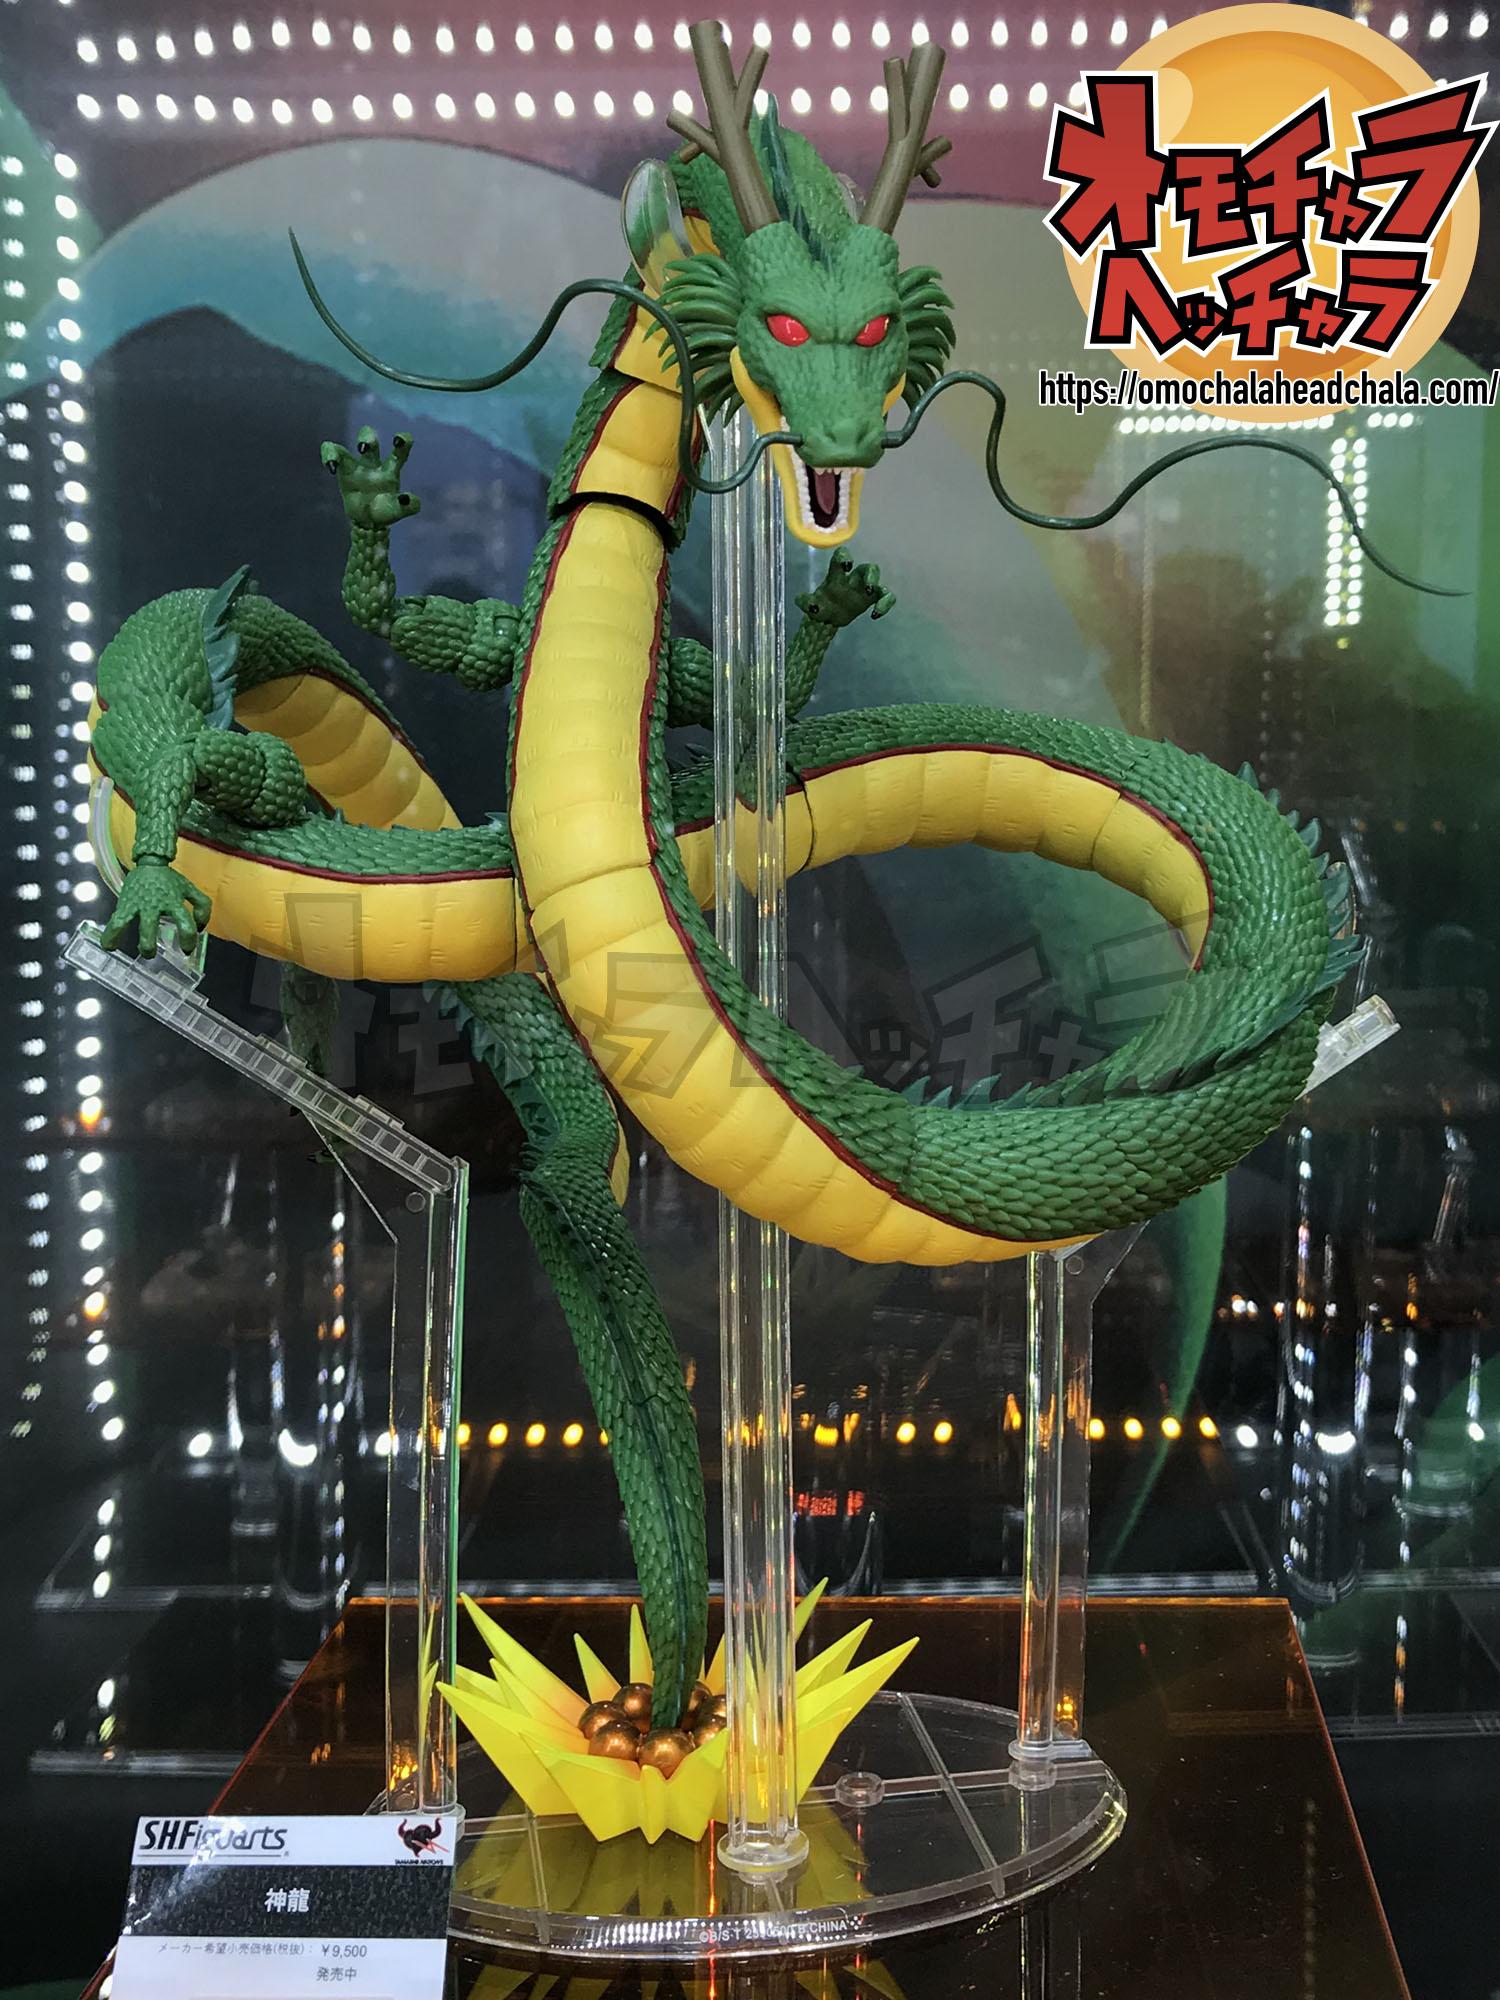 ドラゴンボールフィギュアレビューブログのS.H.Figuarts神龍展示品